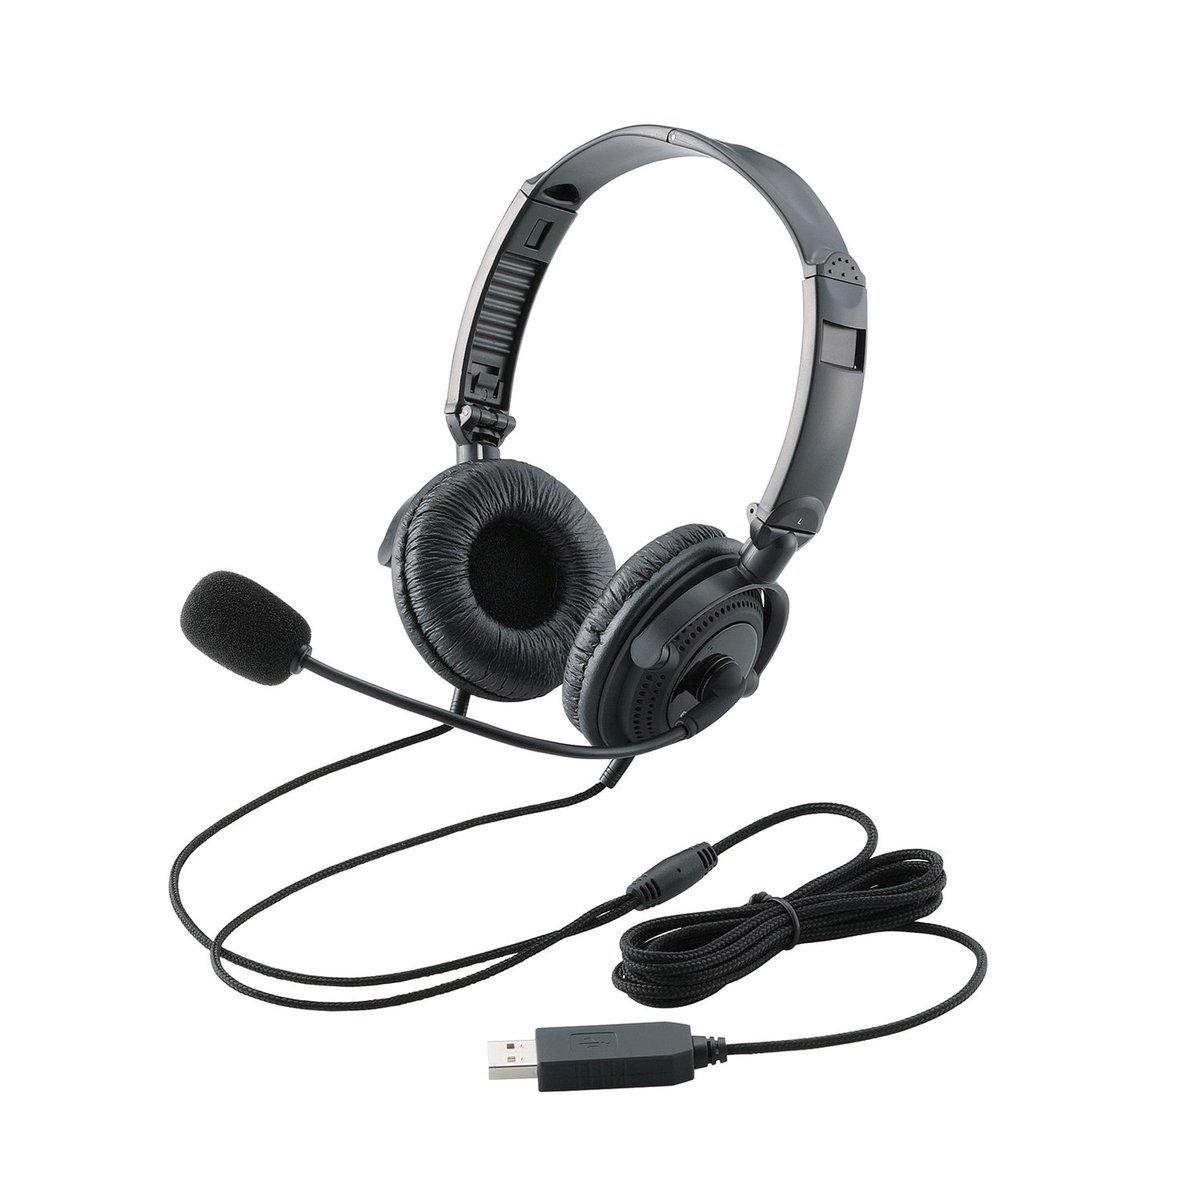 電腦用頭戴式耳機連麥克風